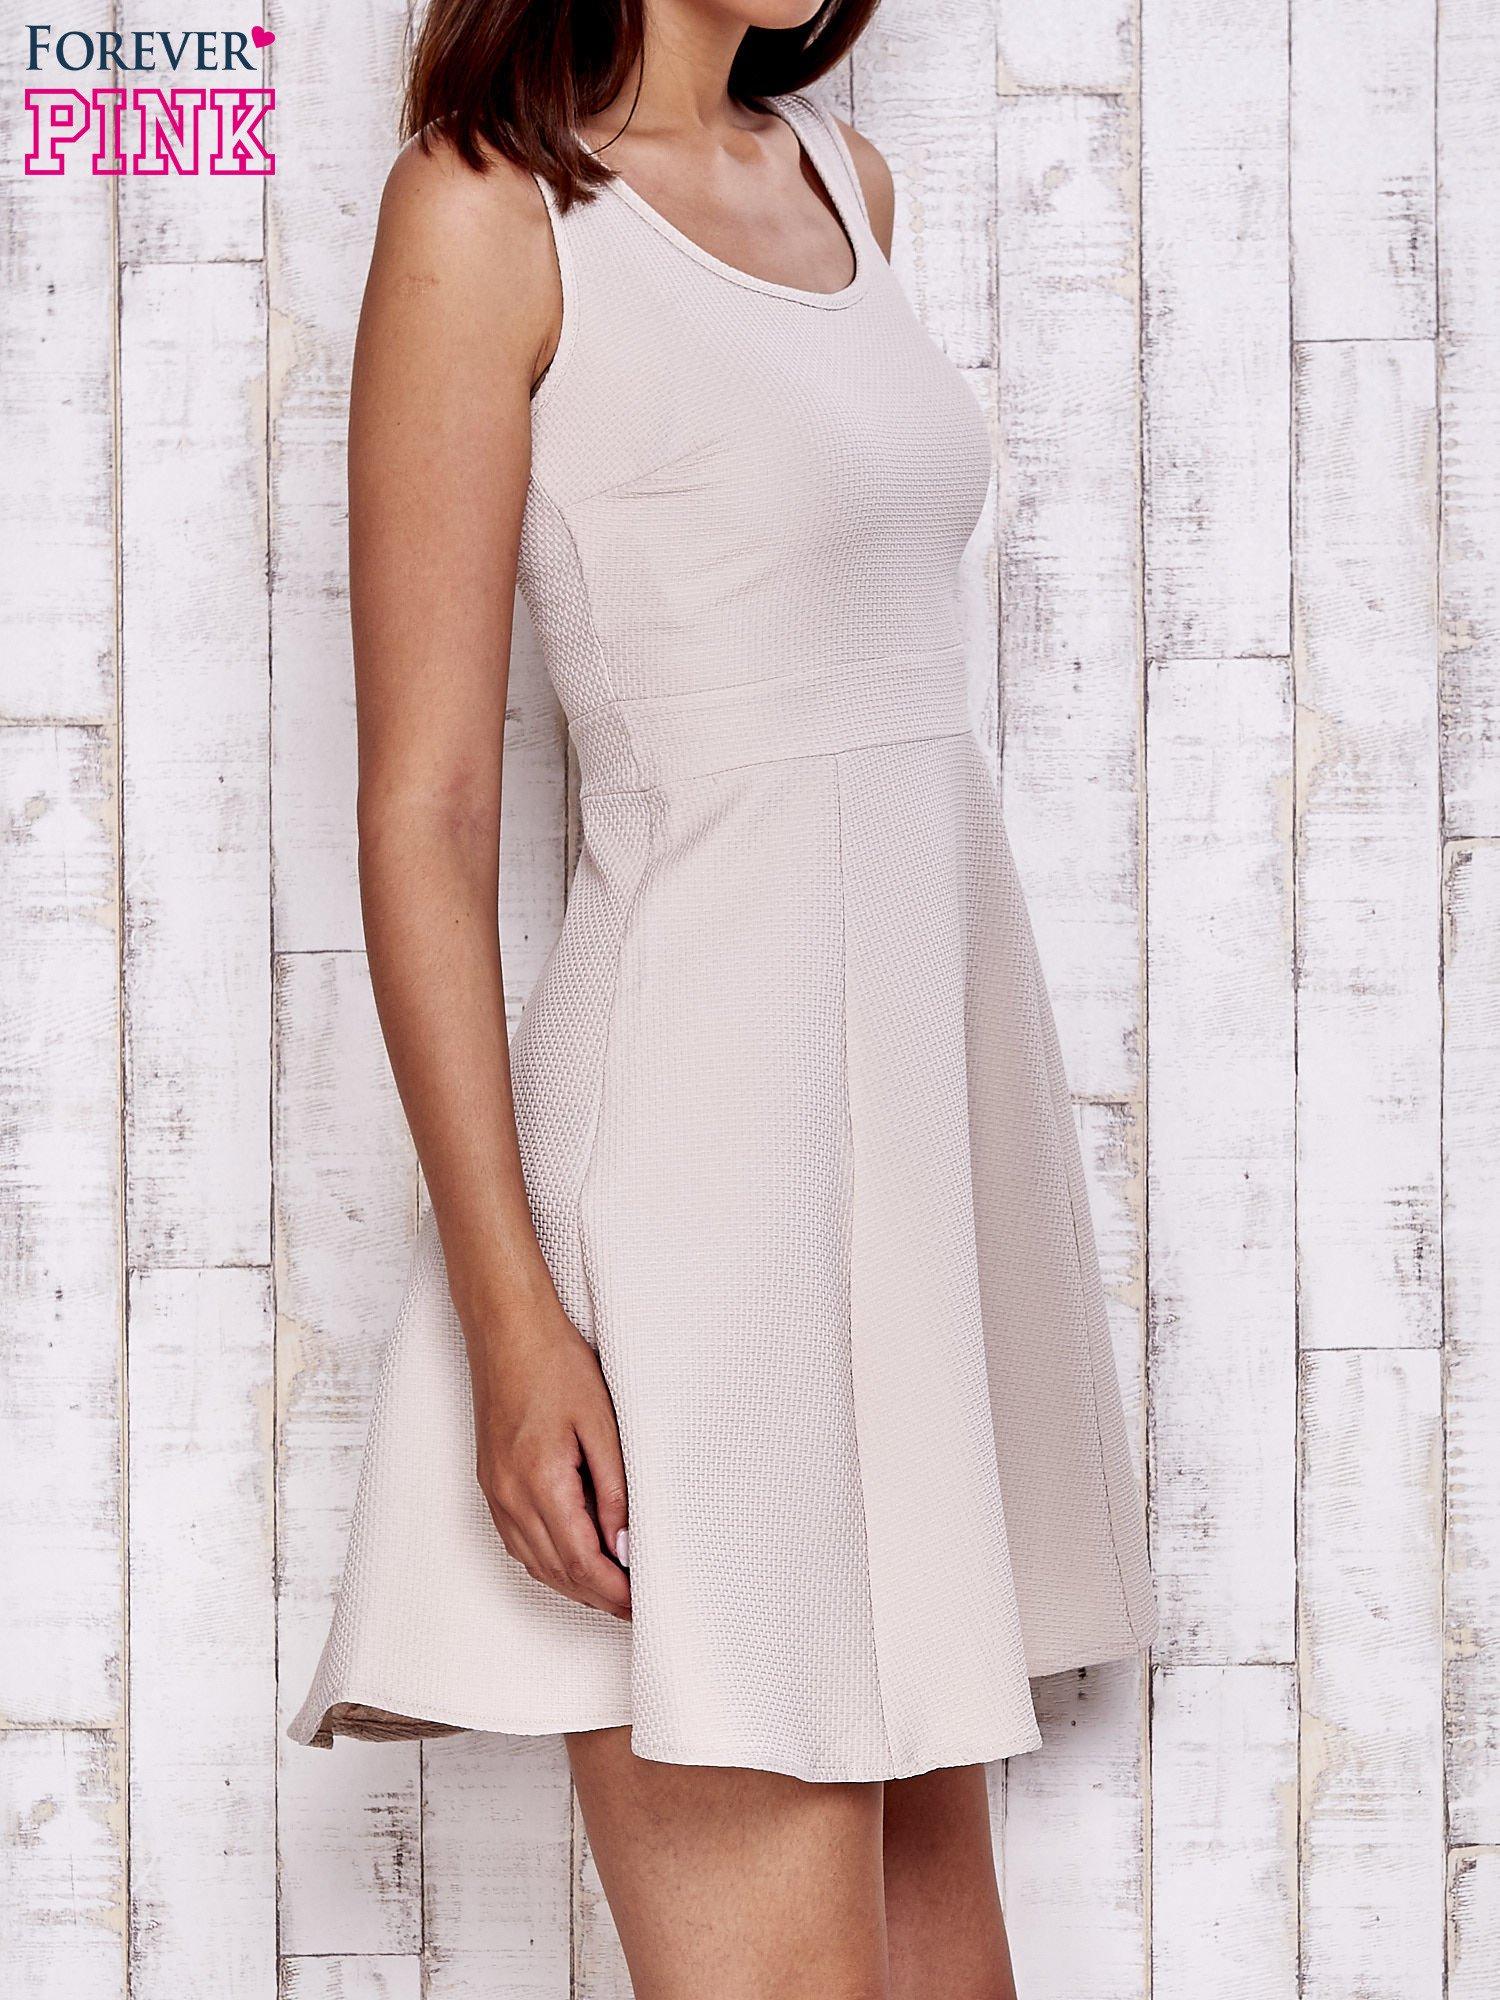 Kremowa fakturowana rozkloszowana sukienka                                  zdj.                                  3